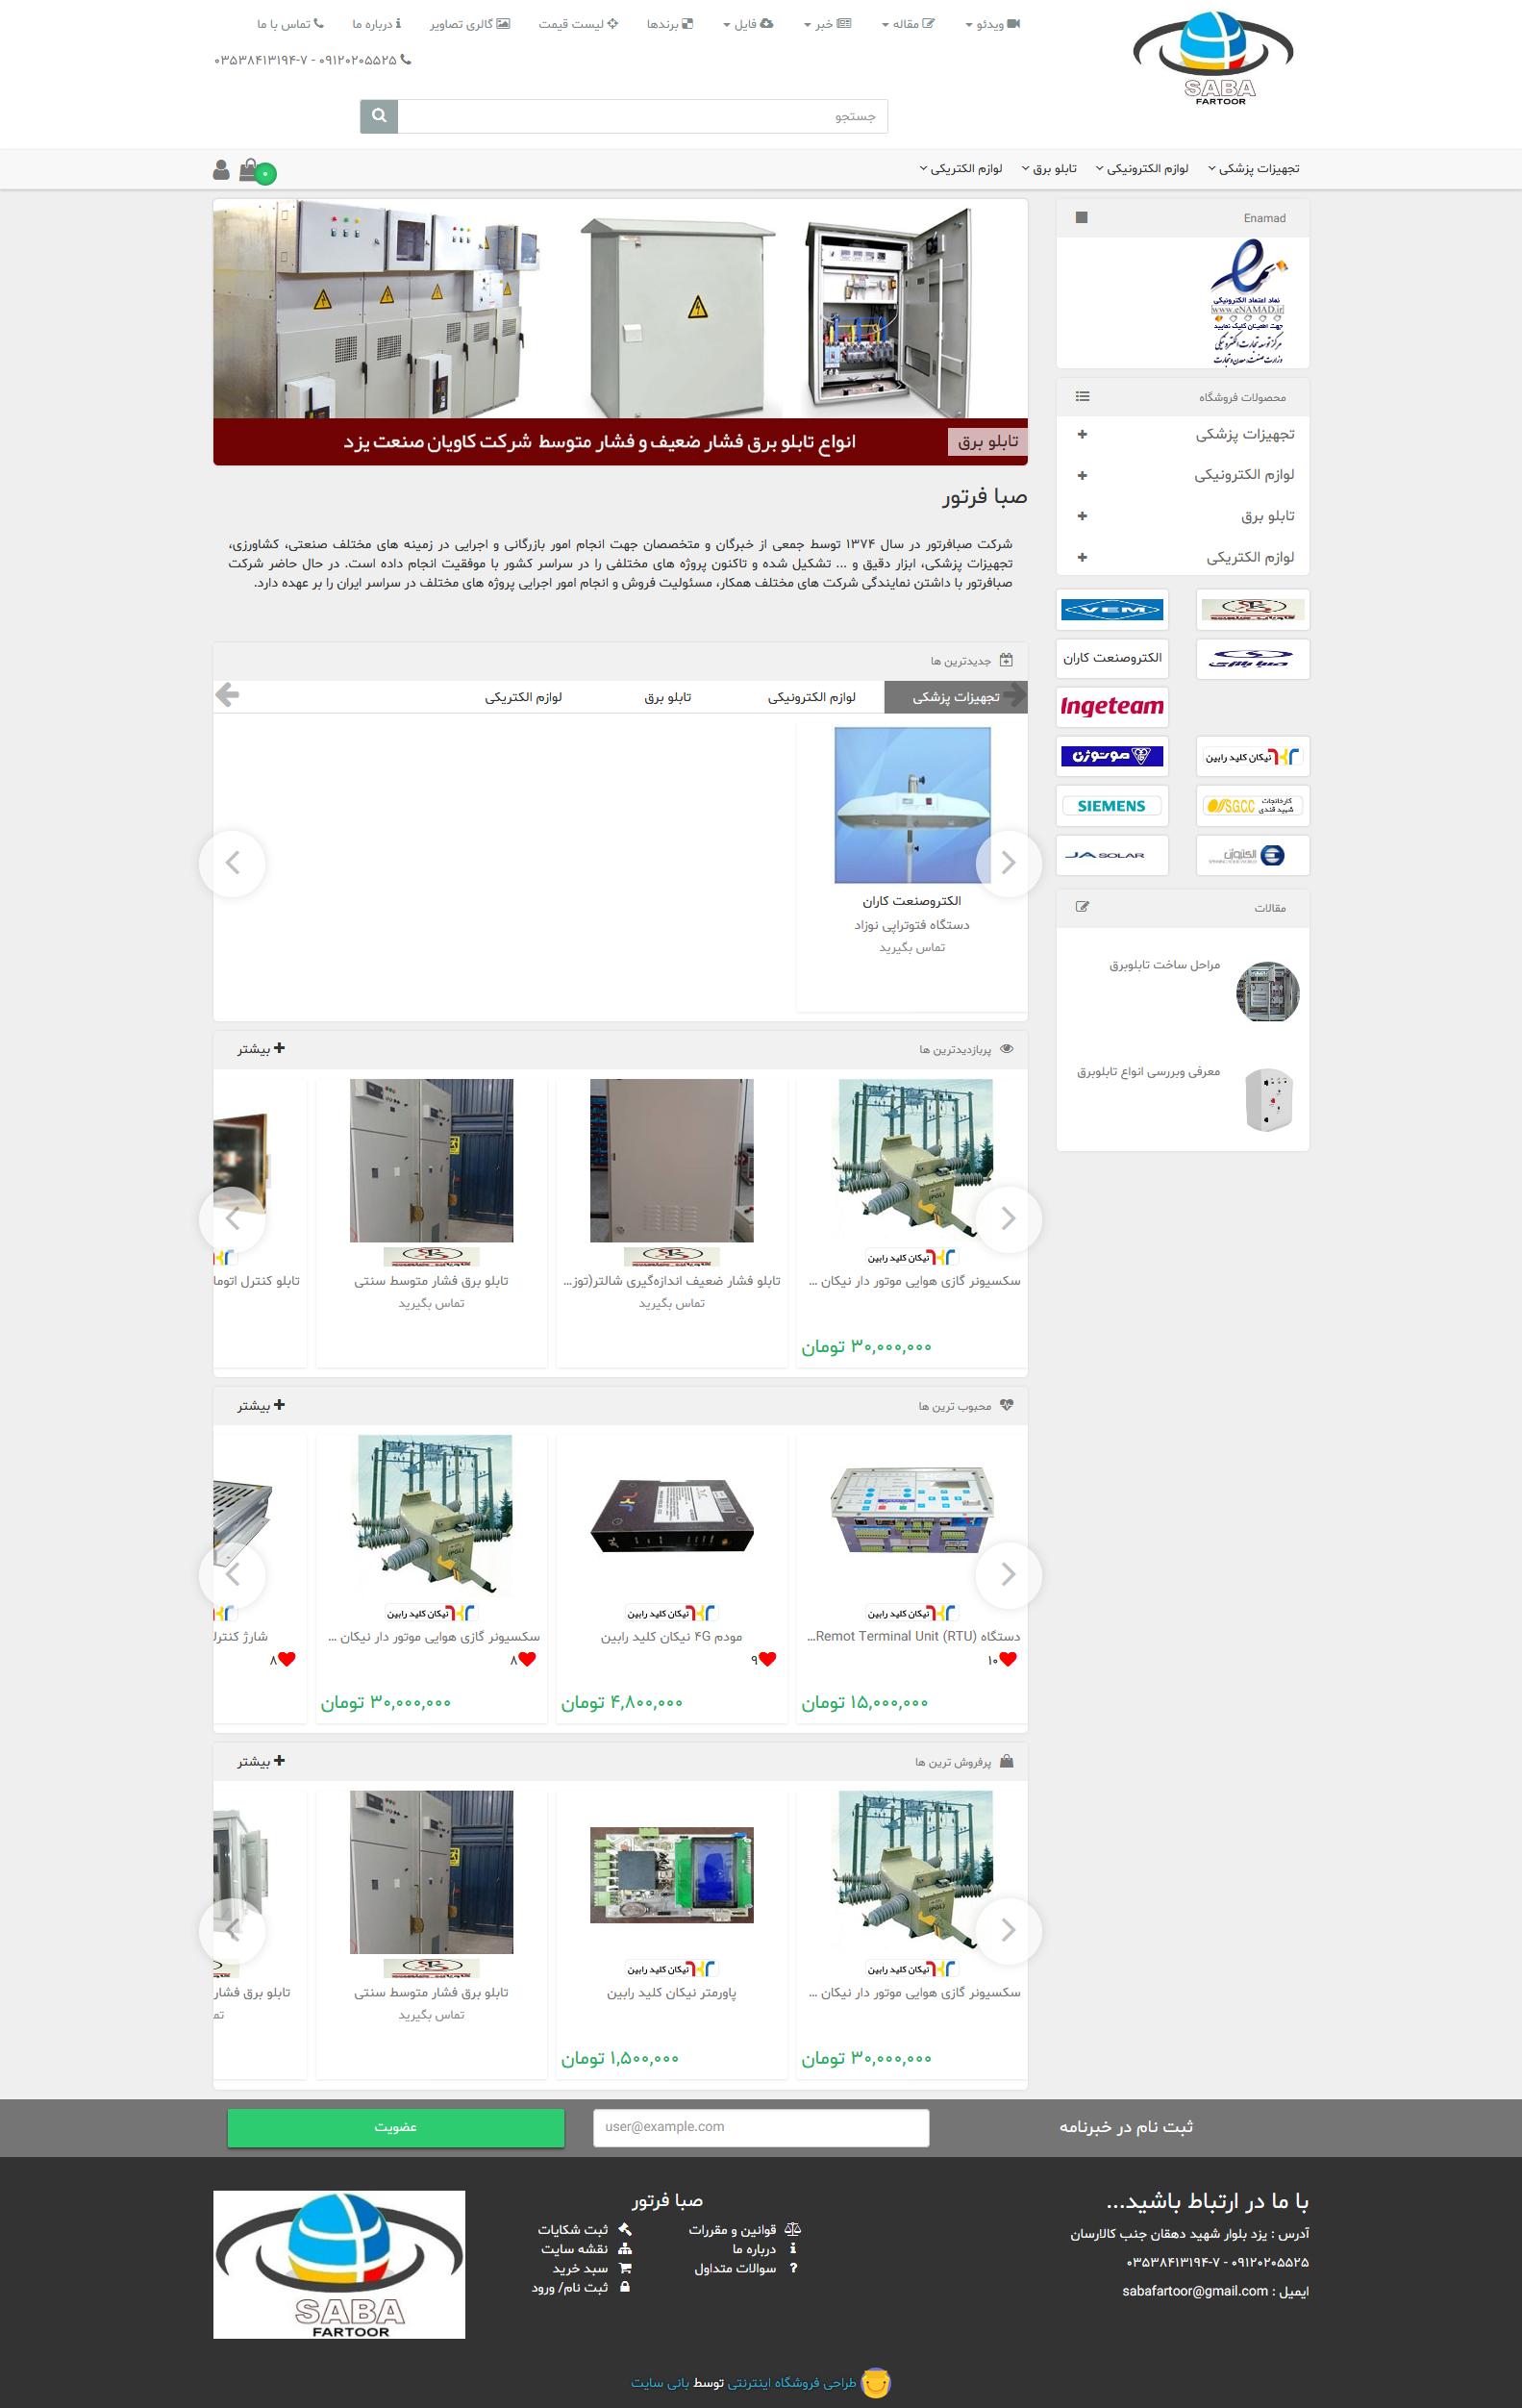 طراحی سایت فروشگاه اینترنتی صبا فرتور